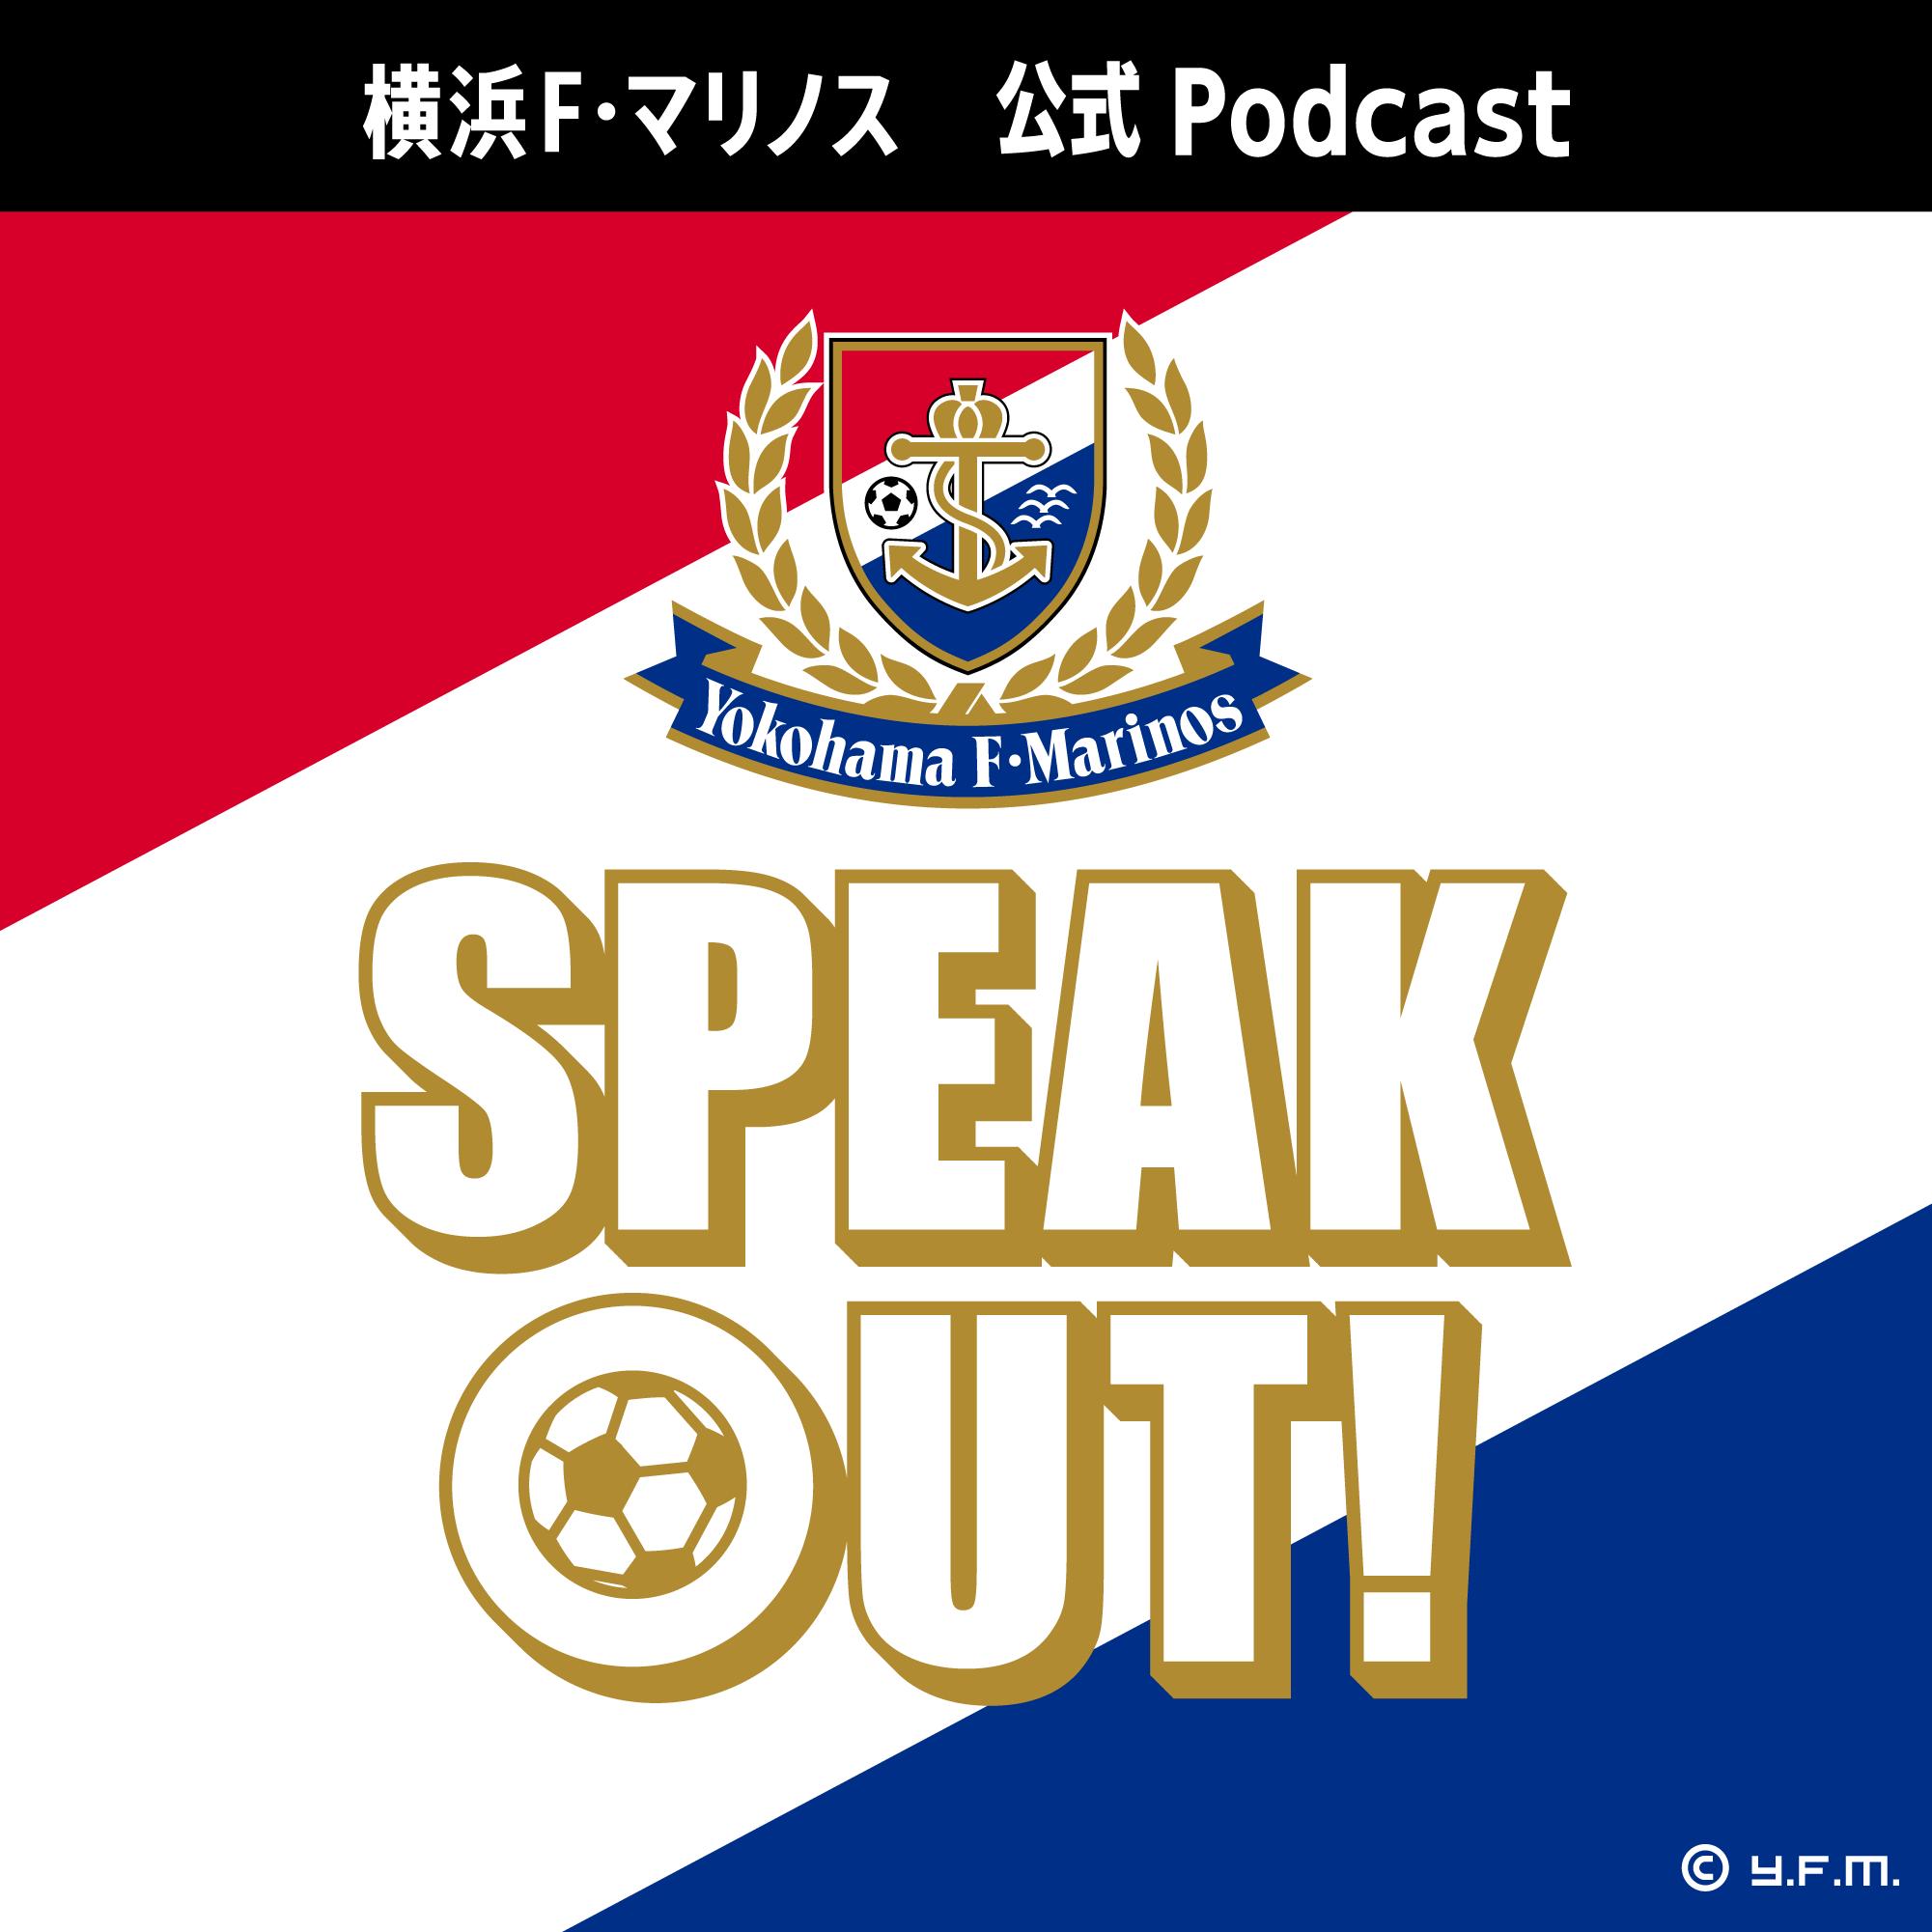 横浜F・マリノス公式Podcast「SPEAK  OUT!」